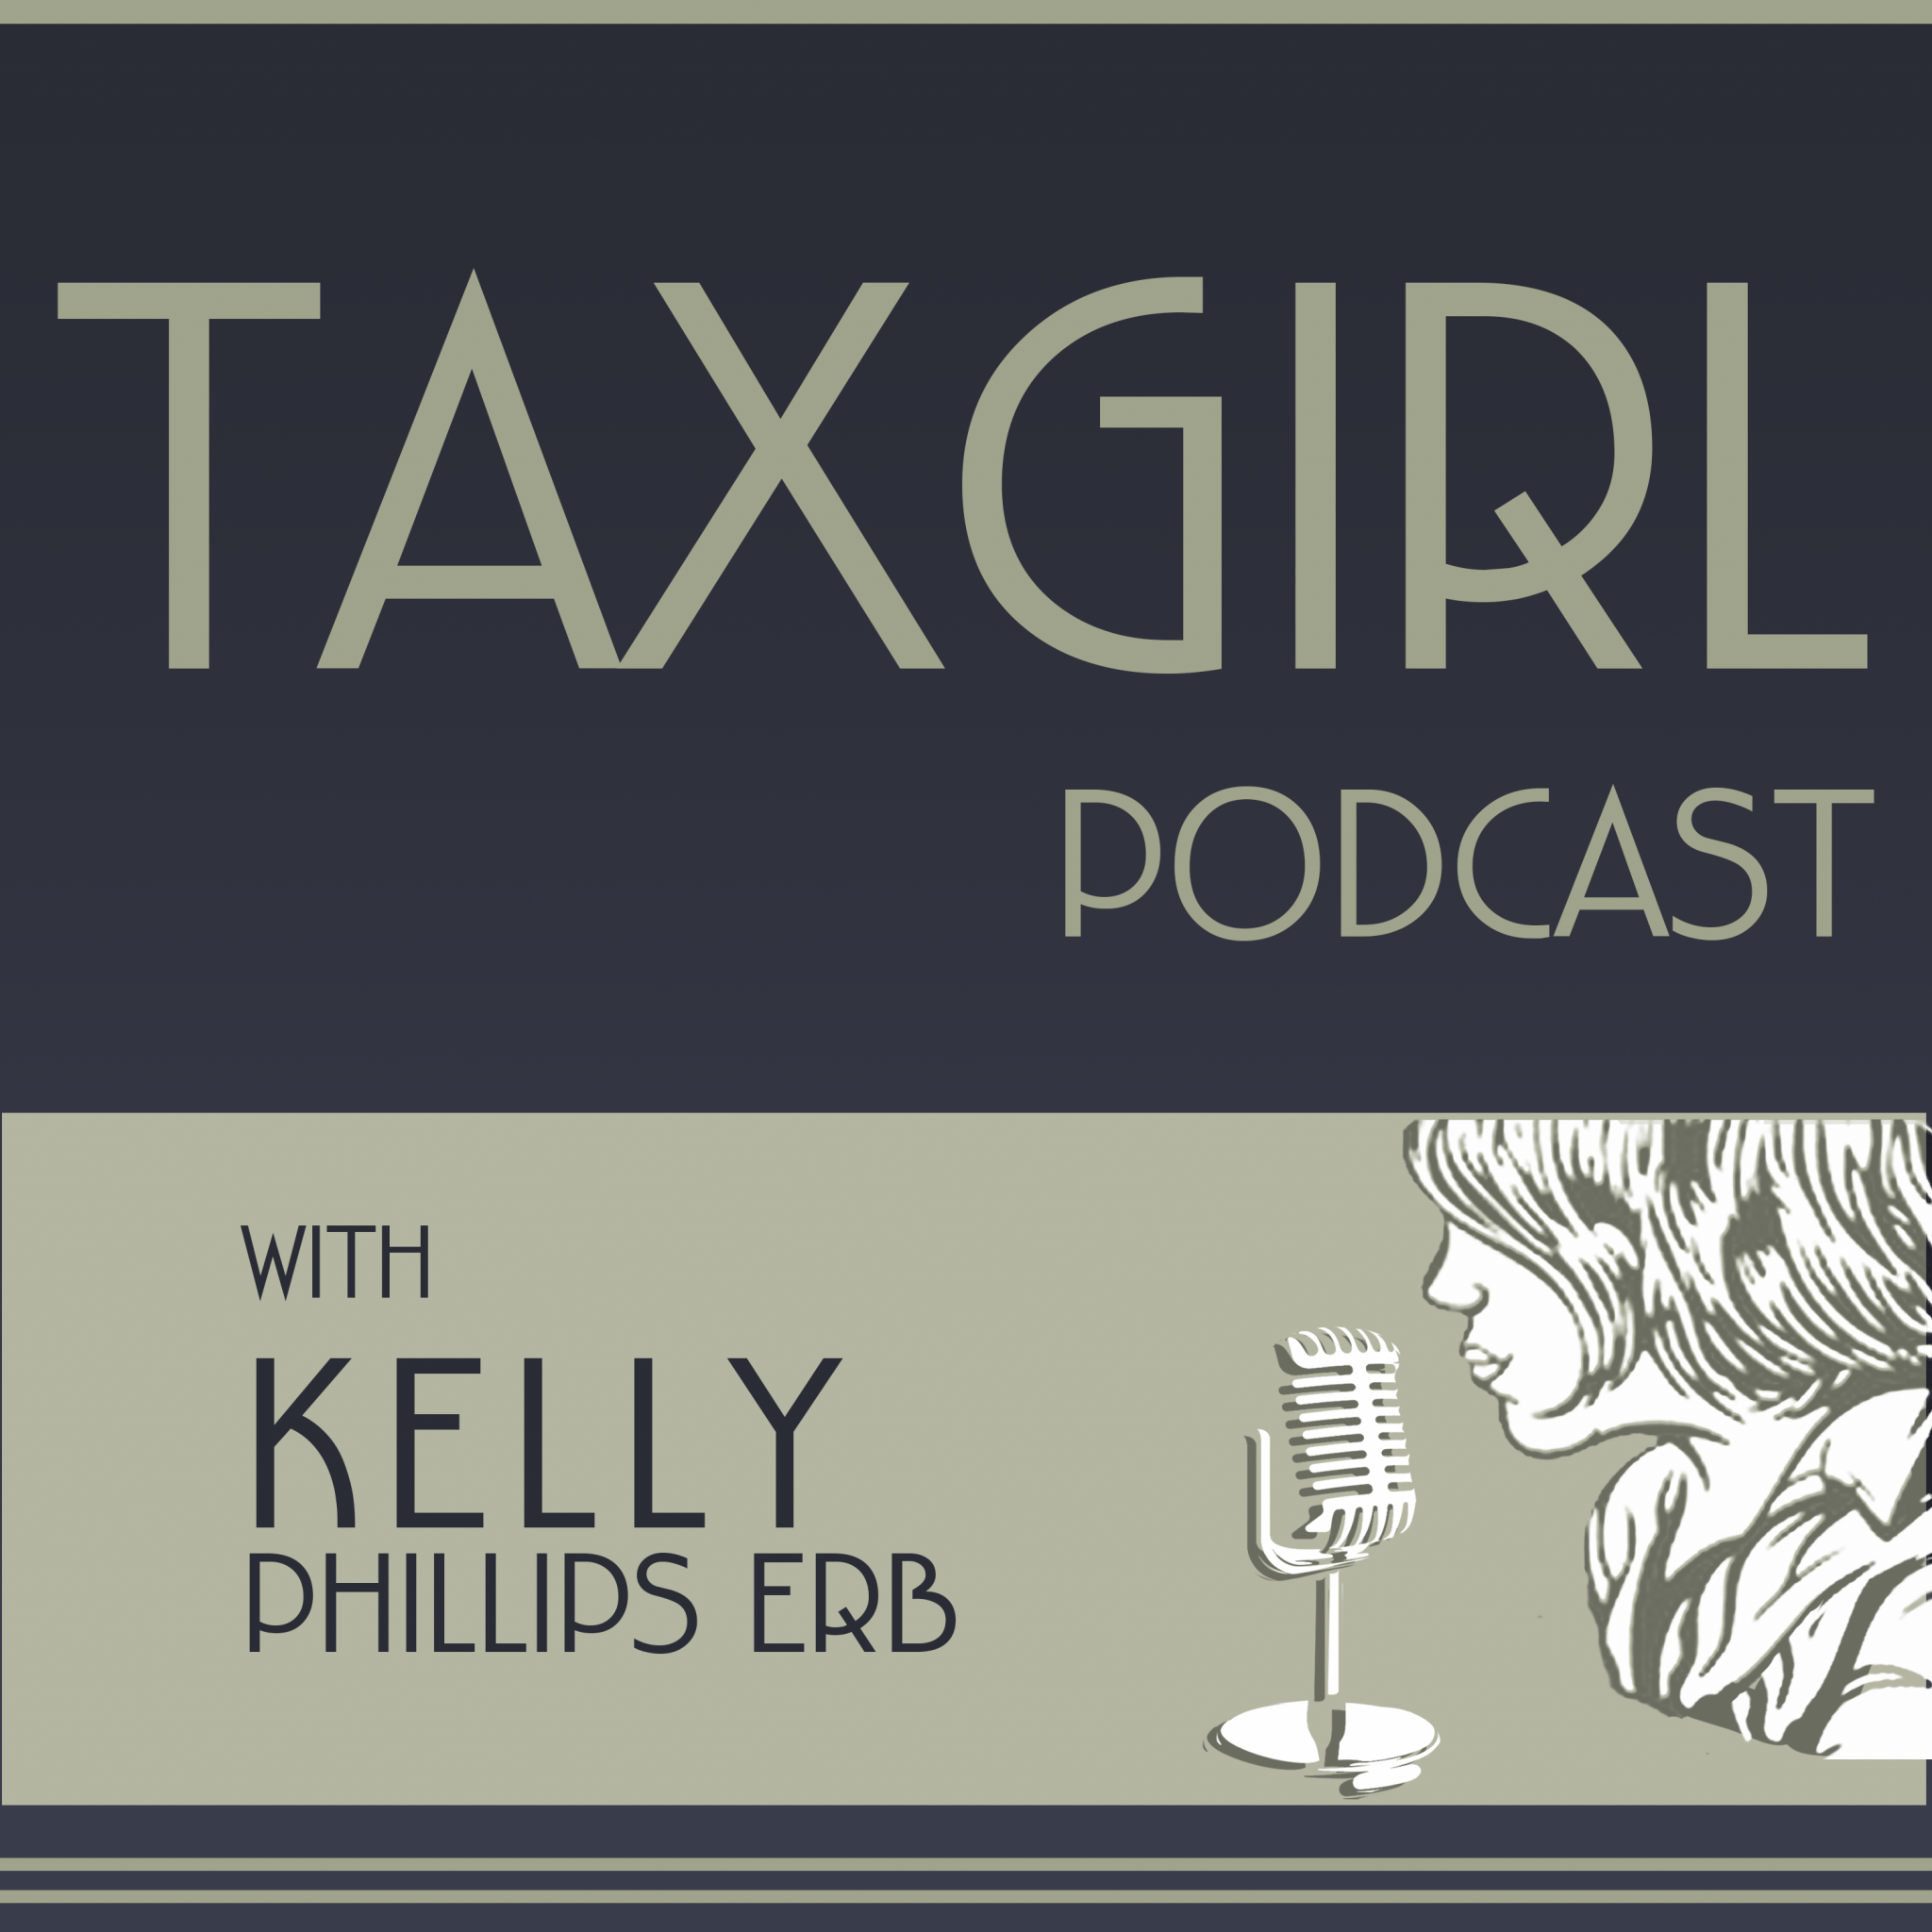 Taxgirl Podcast